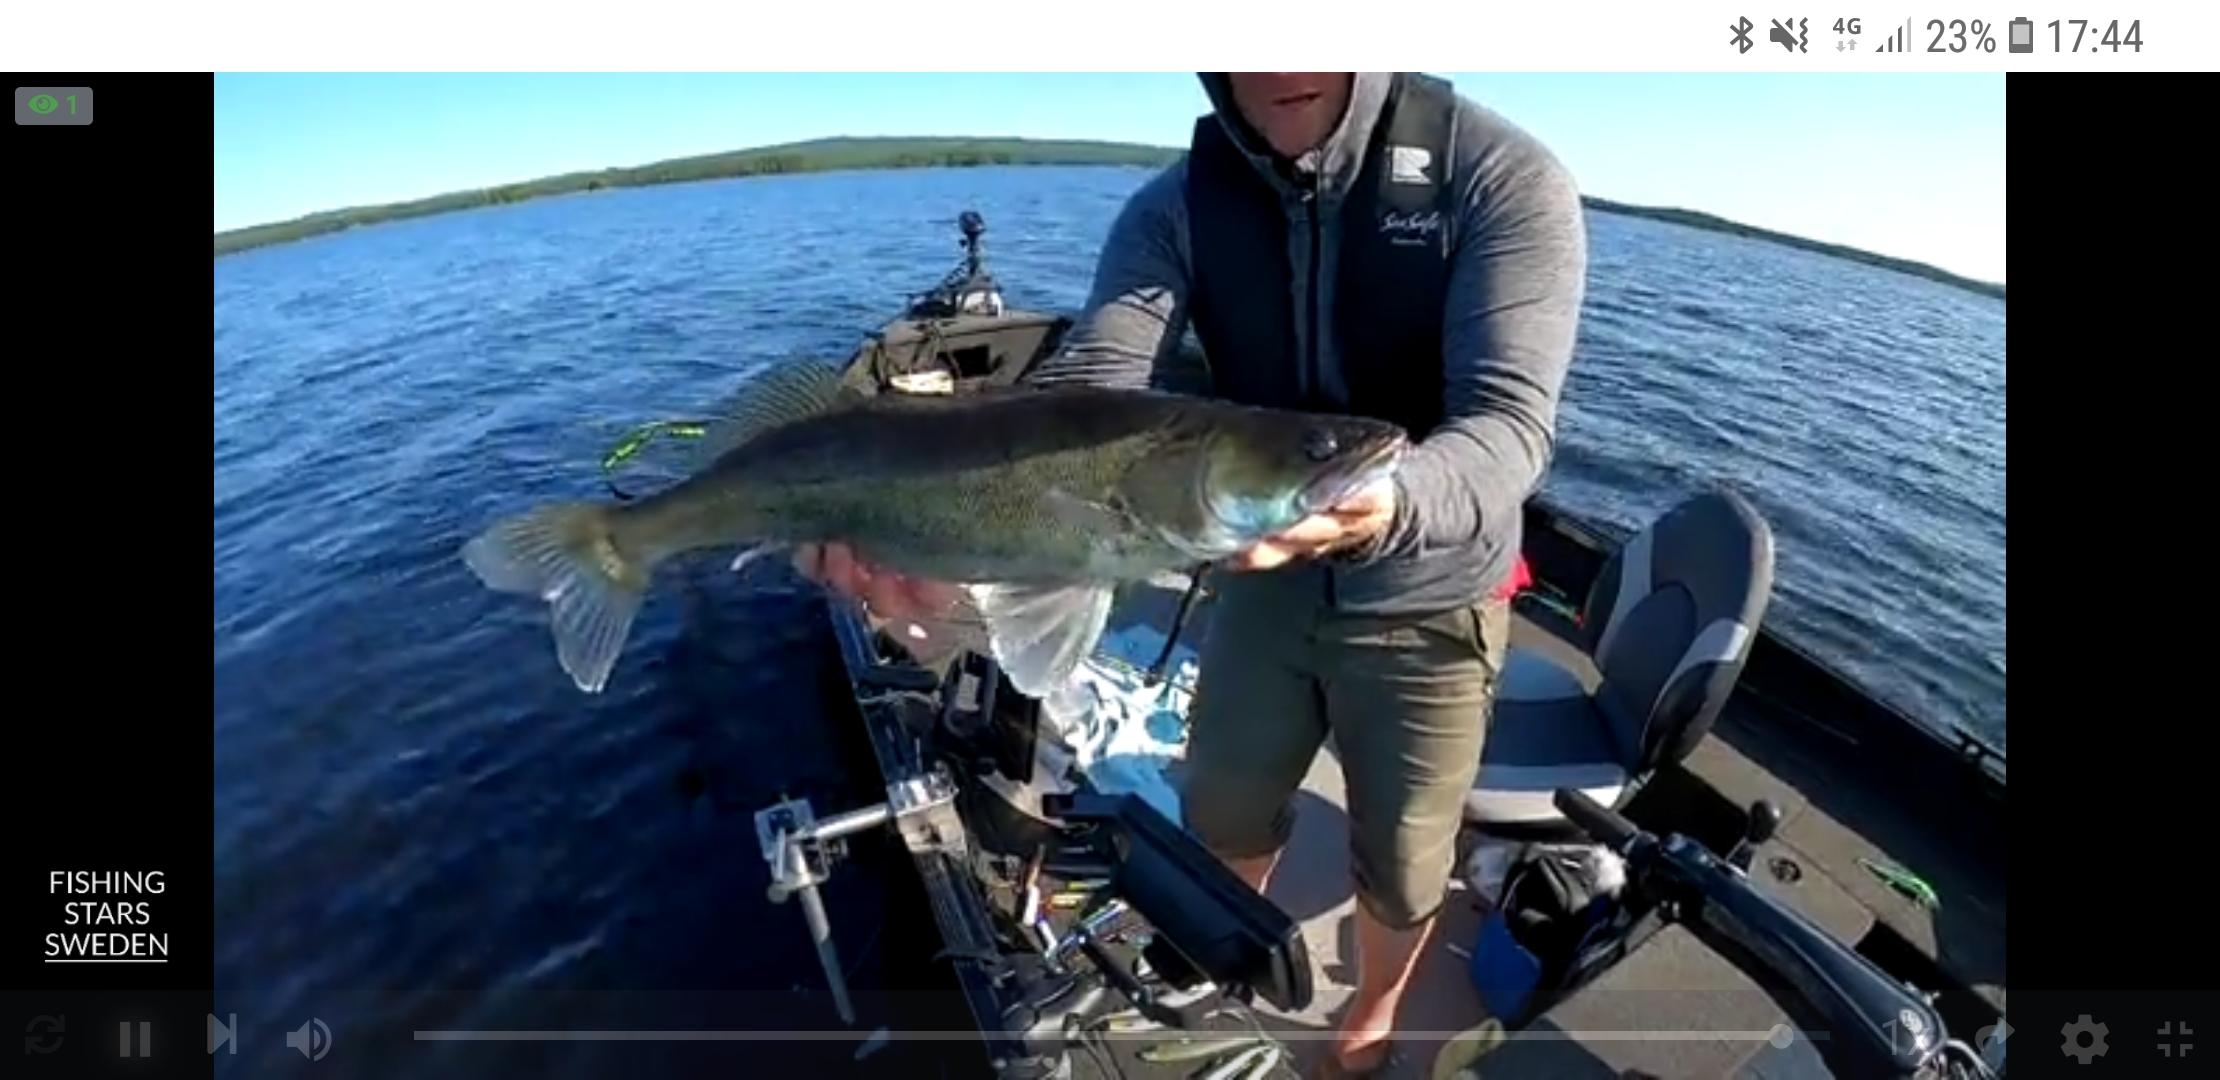 Live on Runn with Fishingstars_Sweden on DVR 2021-07-23 16:22:54